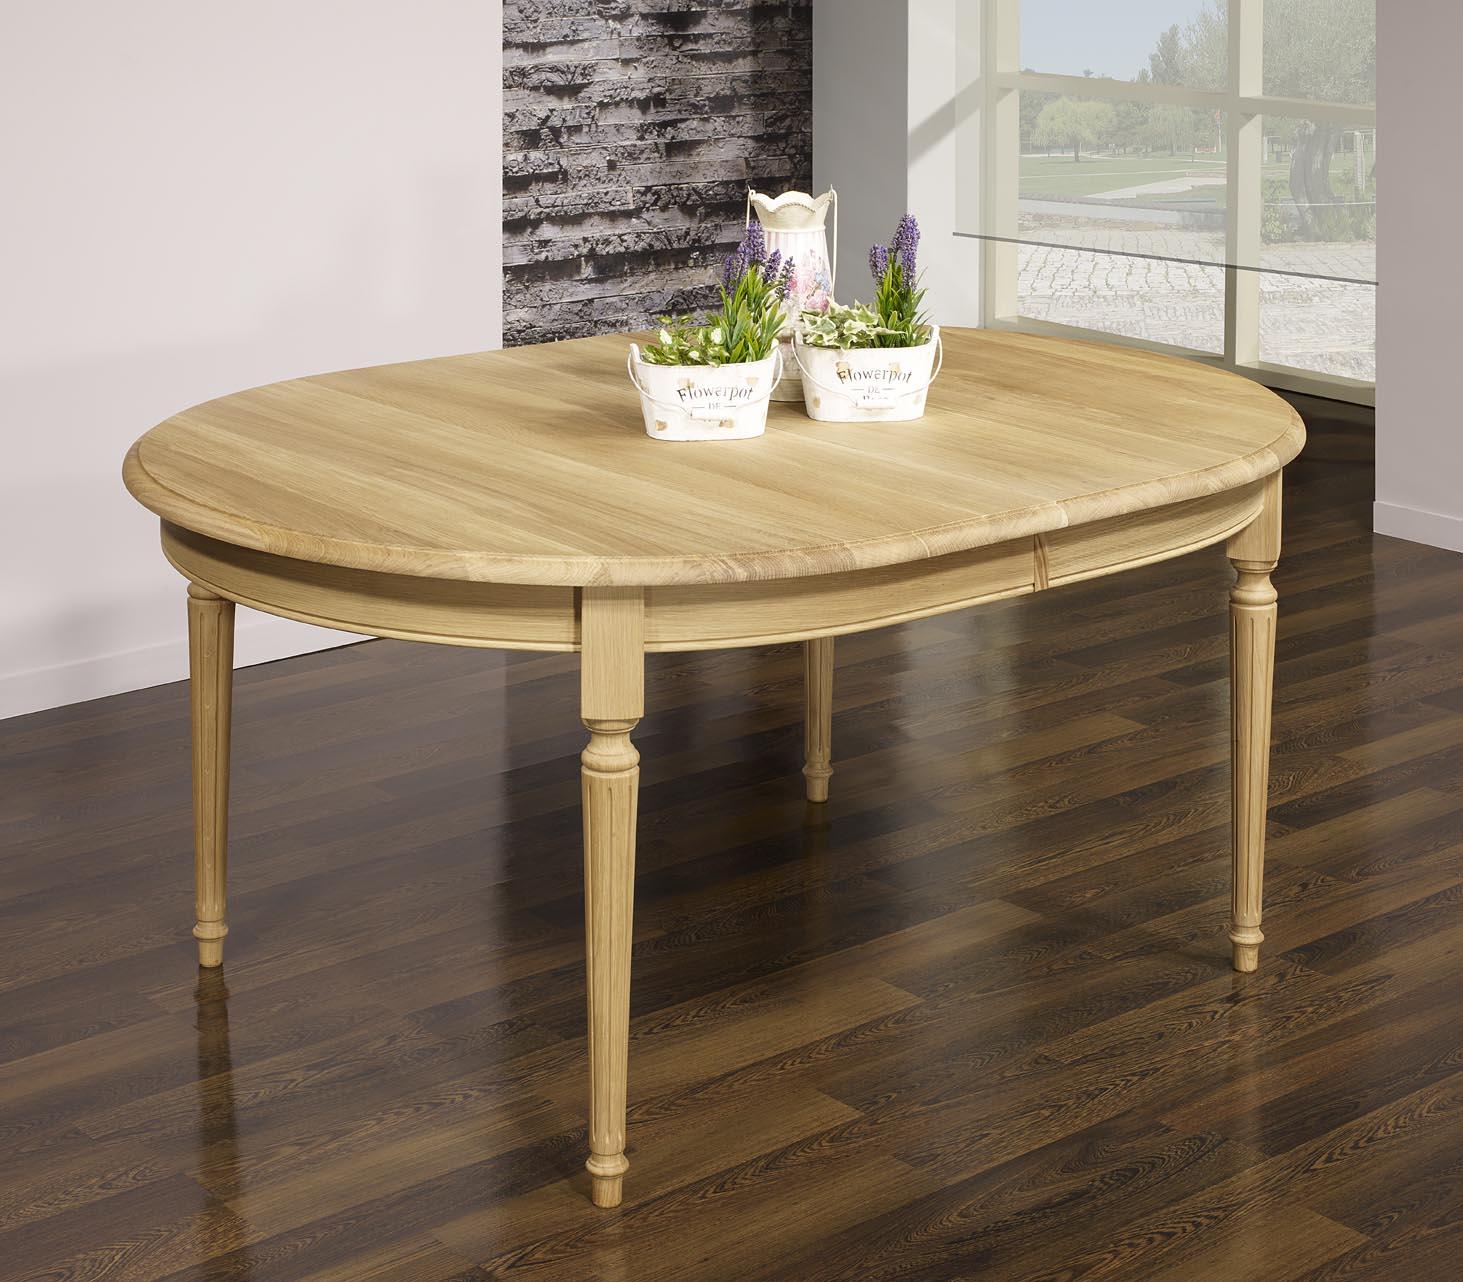 Table Ovale 250x110 Realisee En Chene Massif De Style Louis Xvi 2